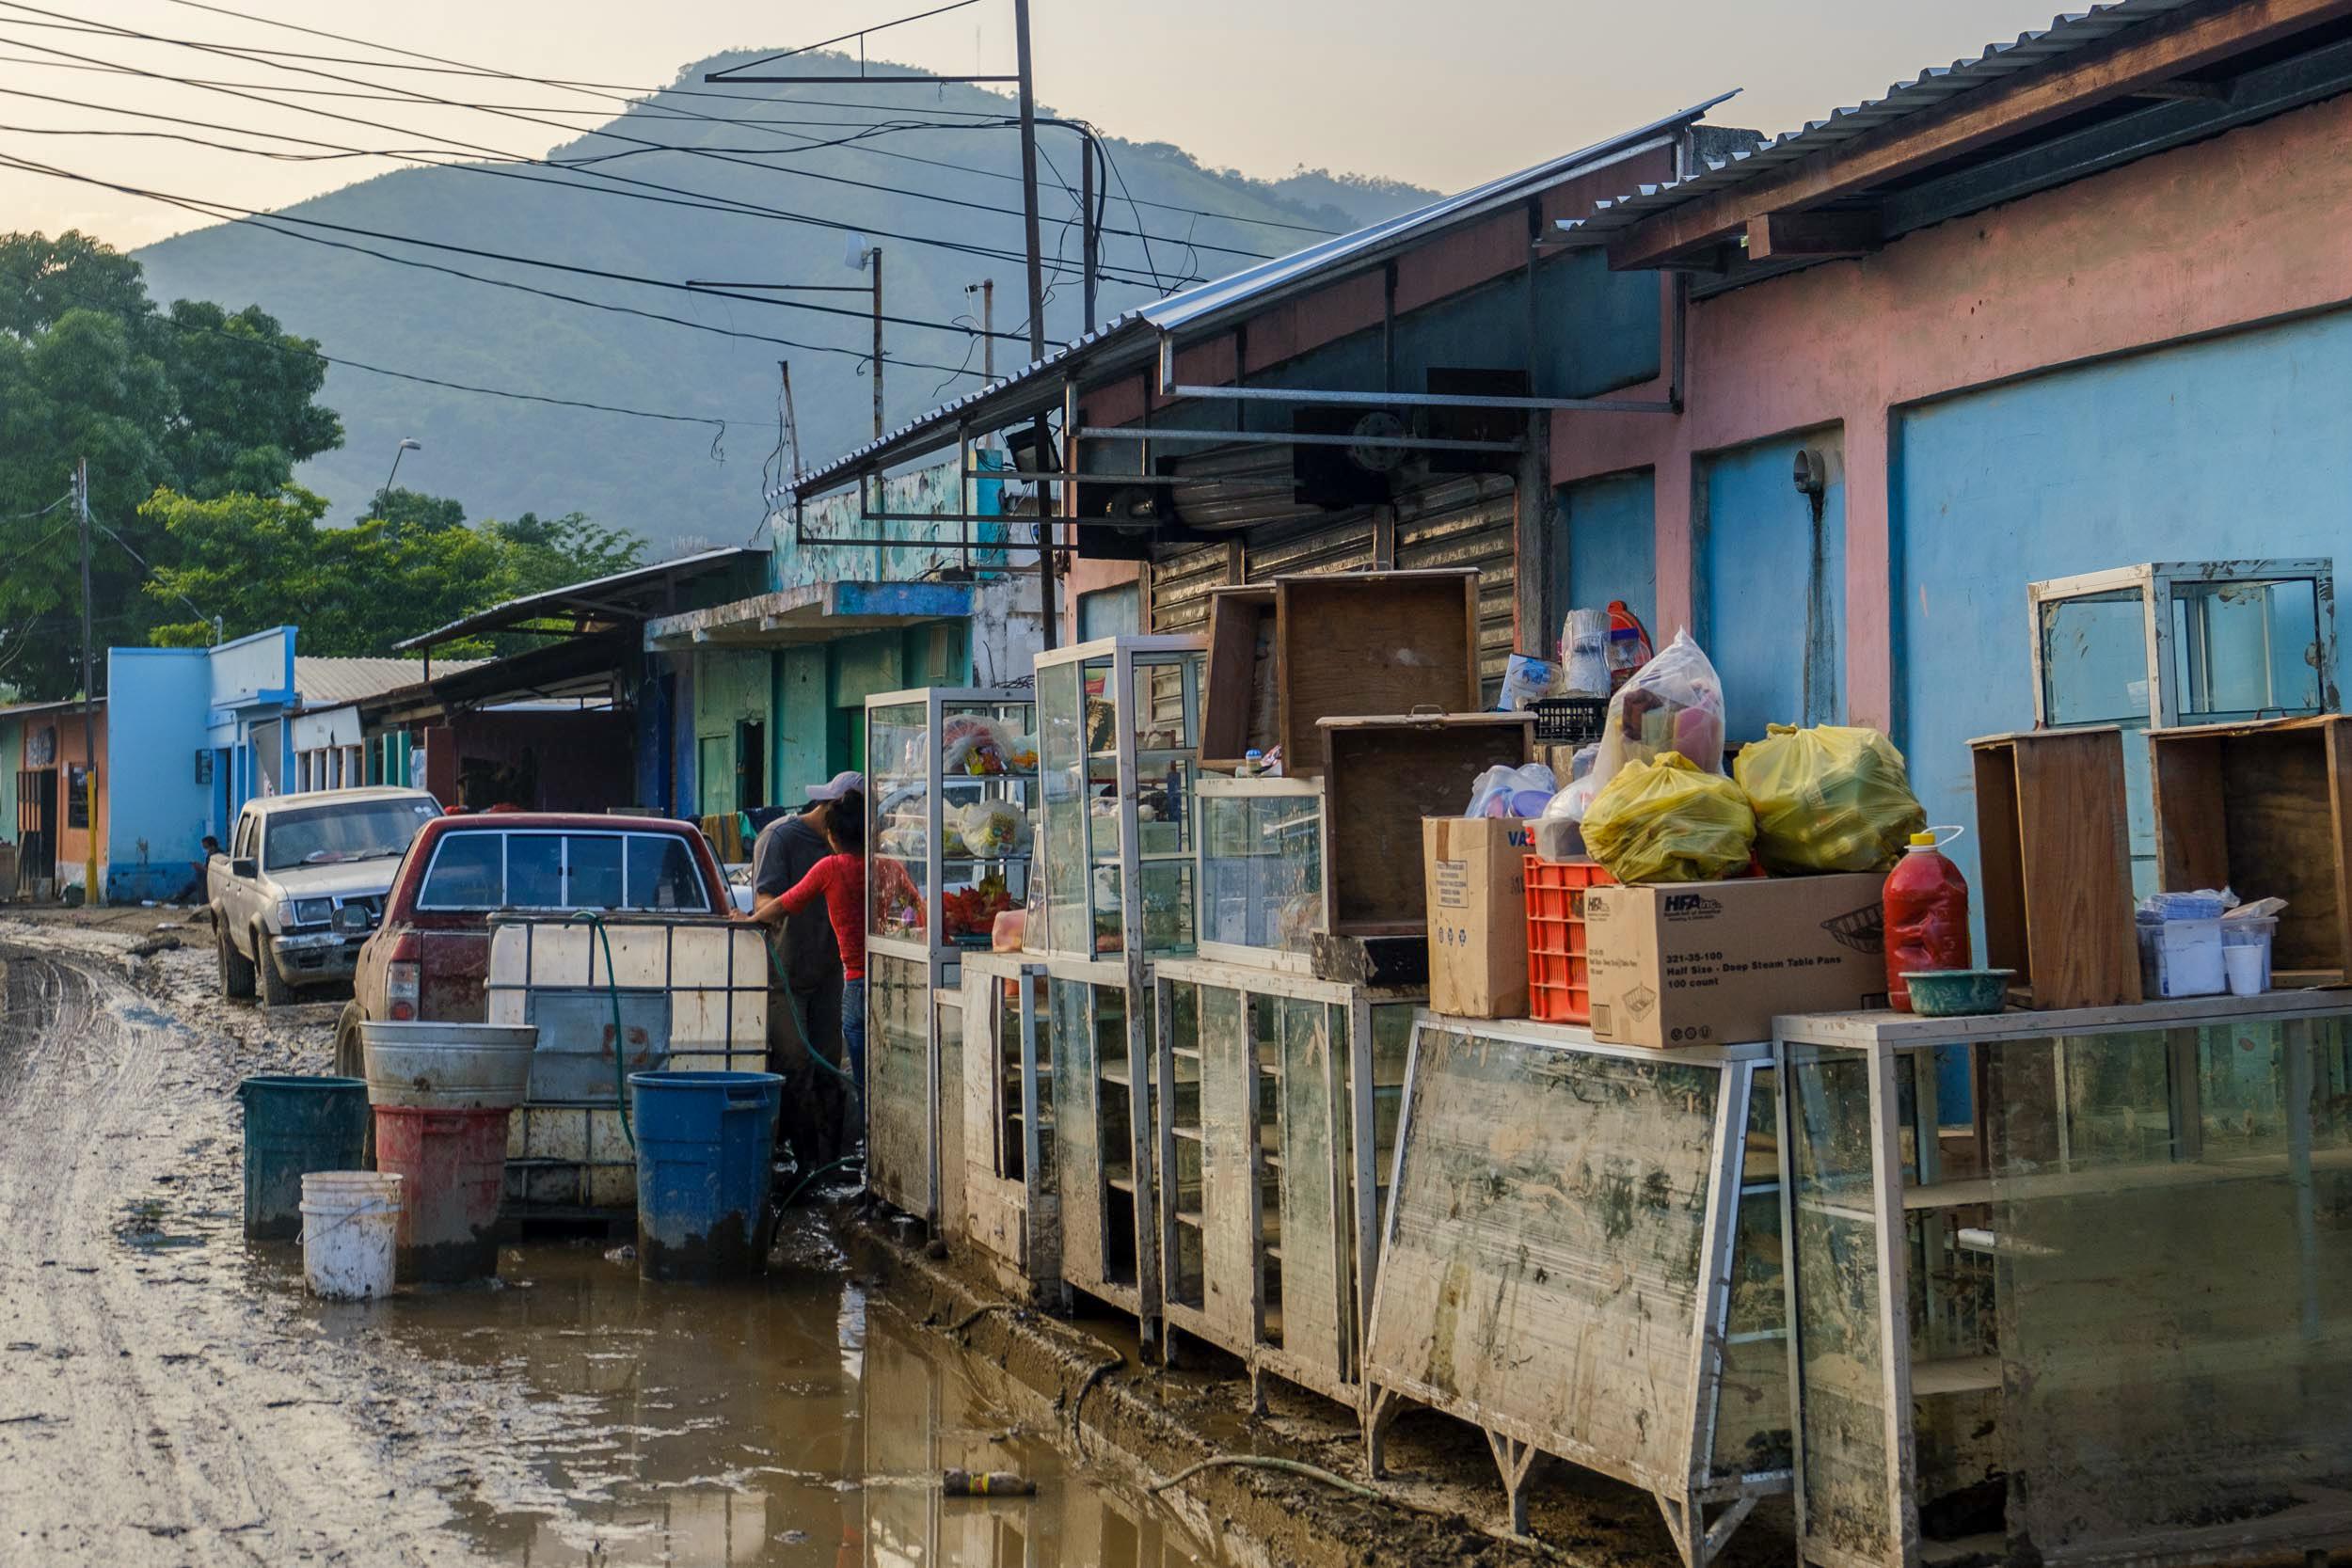 Muchos negocios ubicados en la calle principal de Chamelecón sufrieron enormes daños. San Pedro Sula, 10 de noviembre de 2020. Foto: Deiby Yanes.